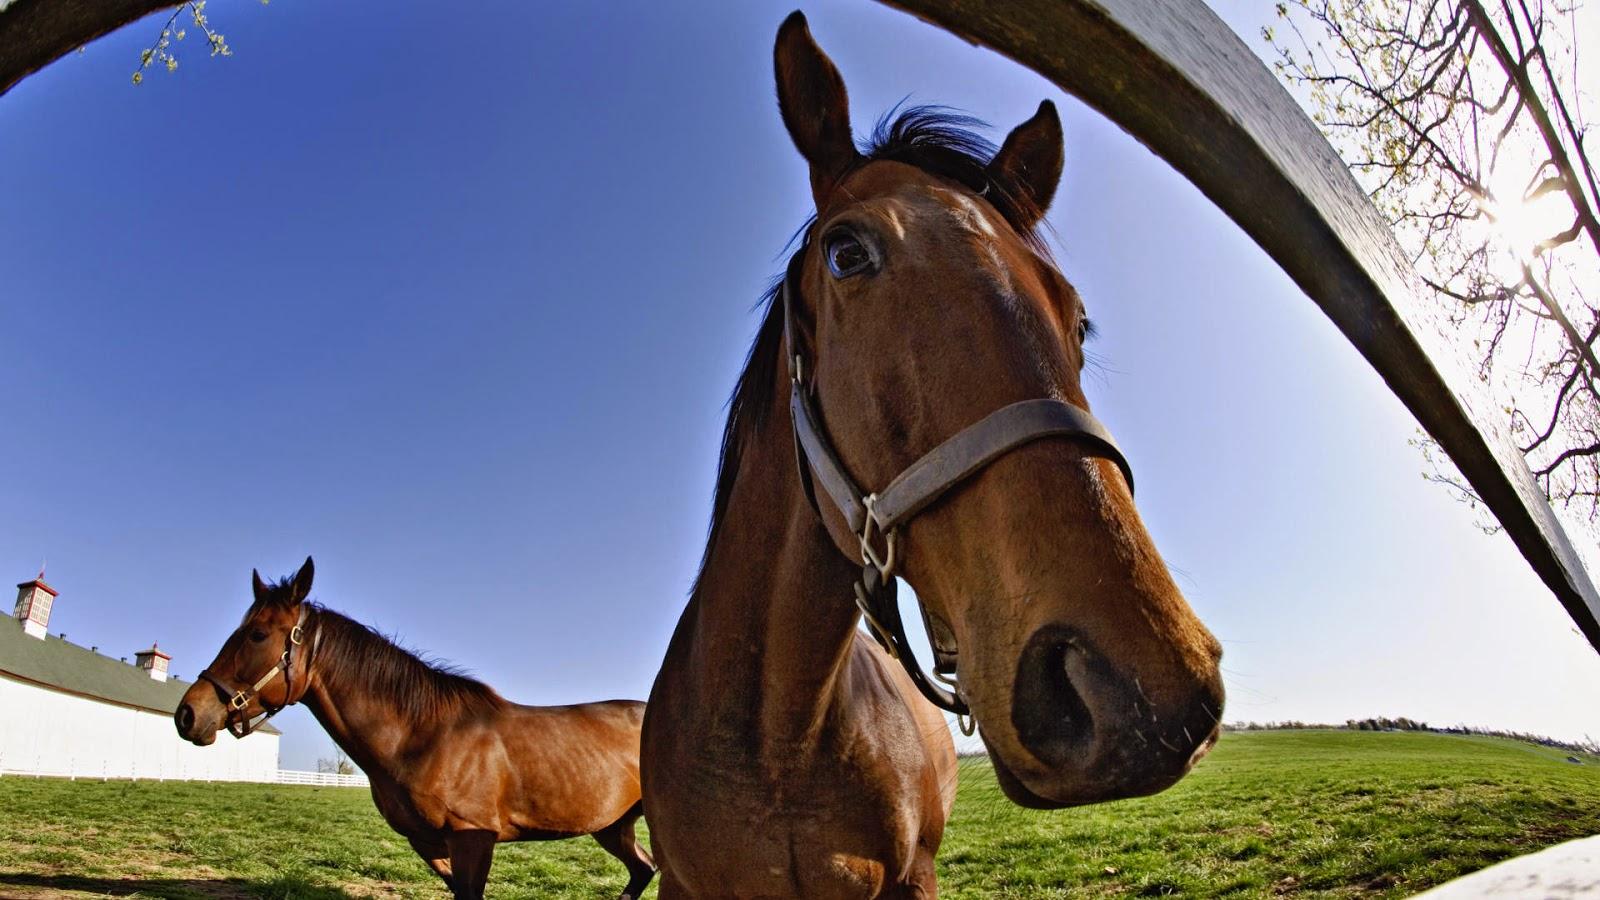 Wallpaper met twee paarden